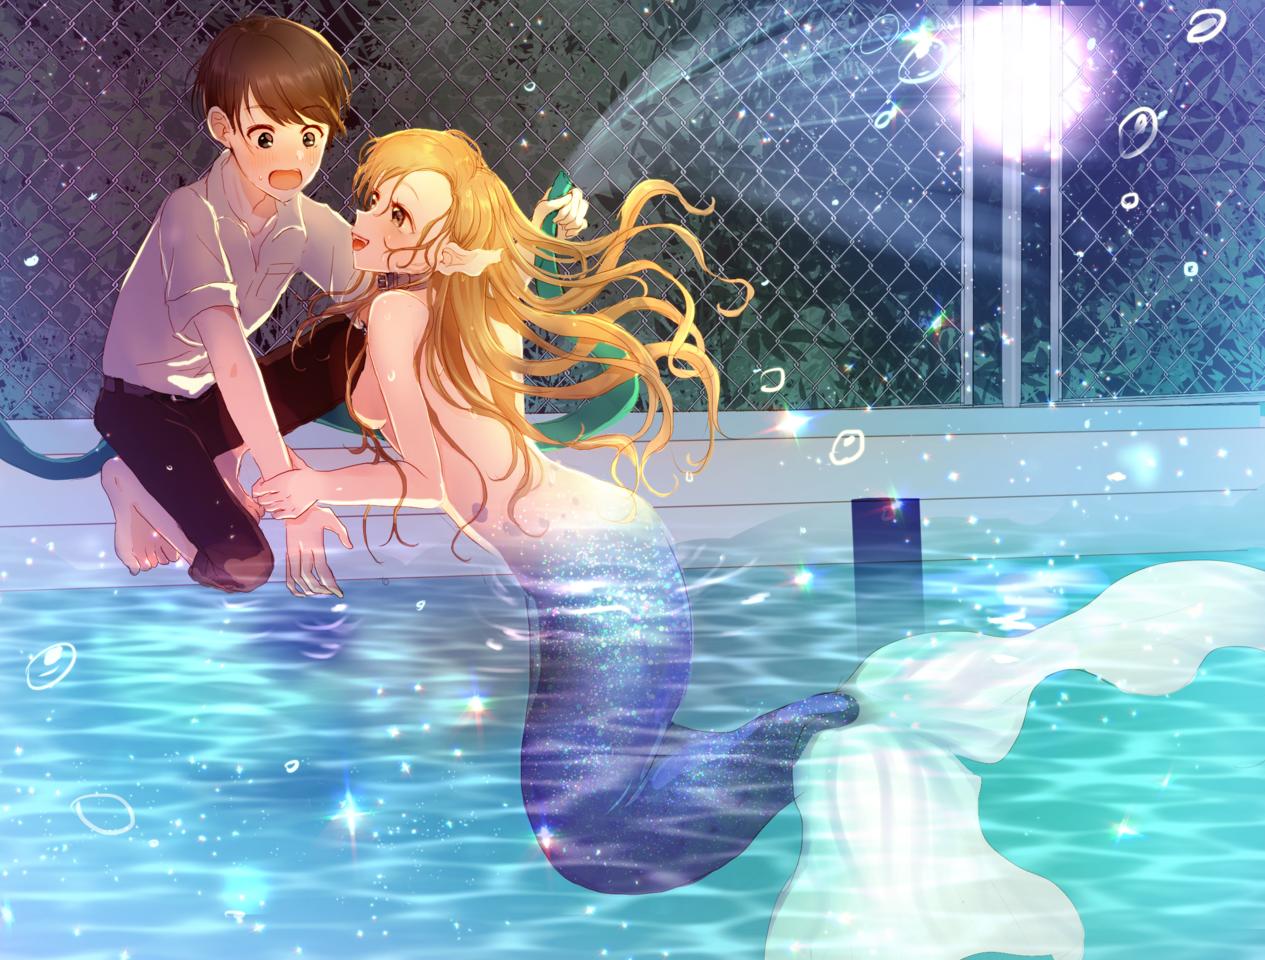 秘密のプールサイド Illust of Peach☆Punch mermaid 学校 プール